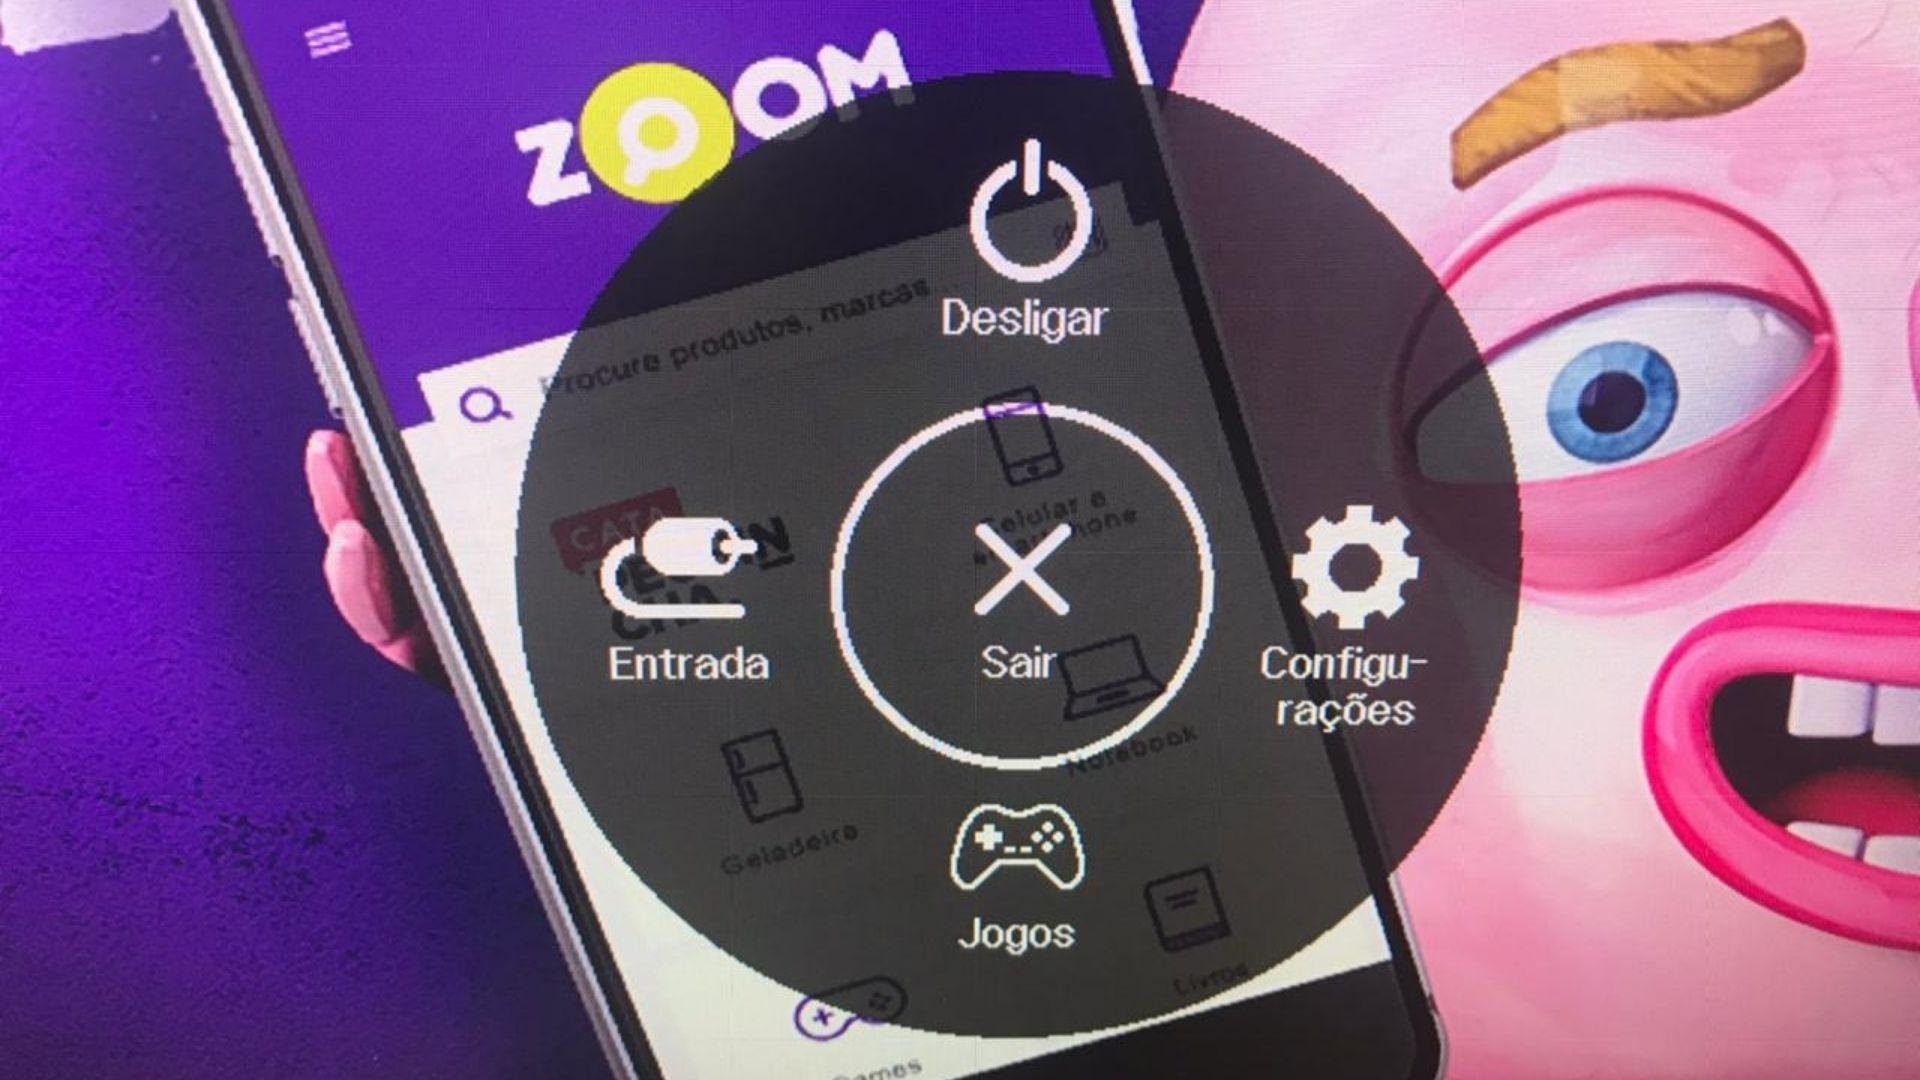 Apertando o botão, esse menu de opções é apresentado na tela (Foto: Guilherme Toscano)